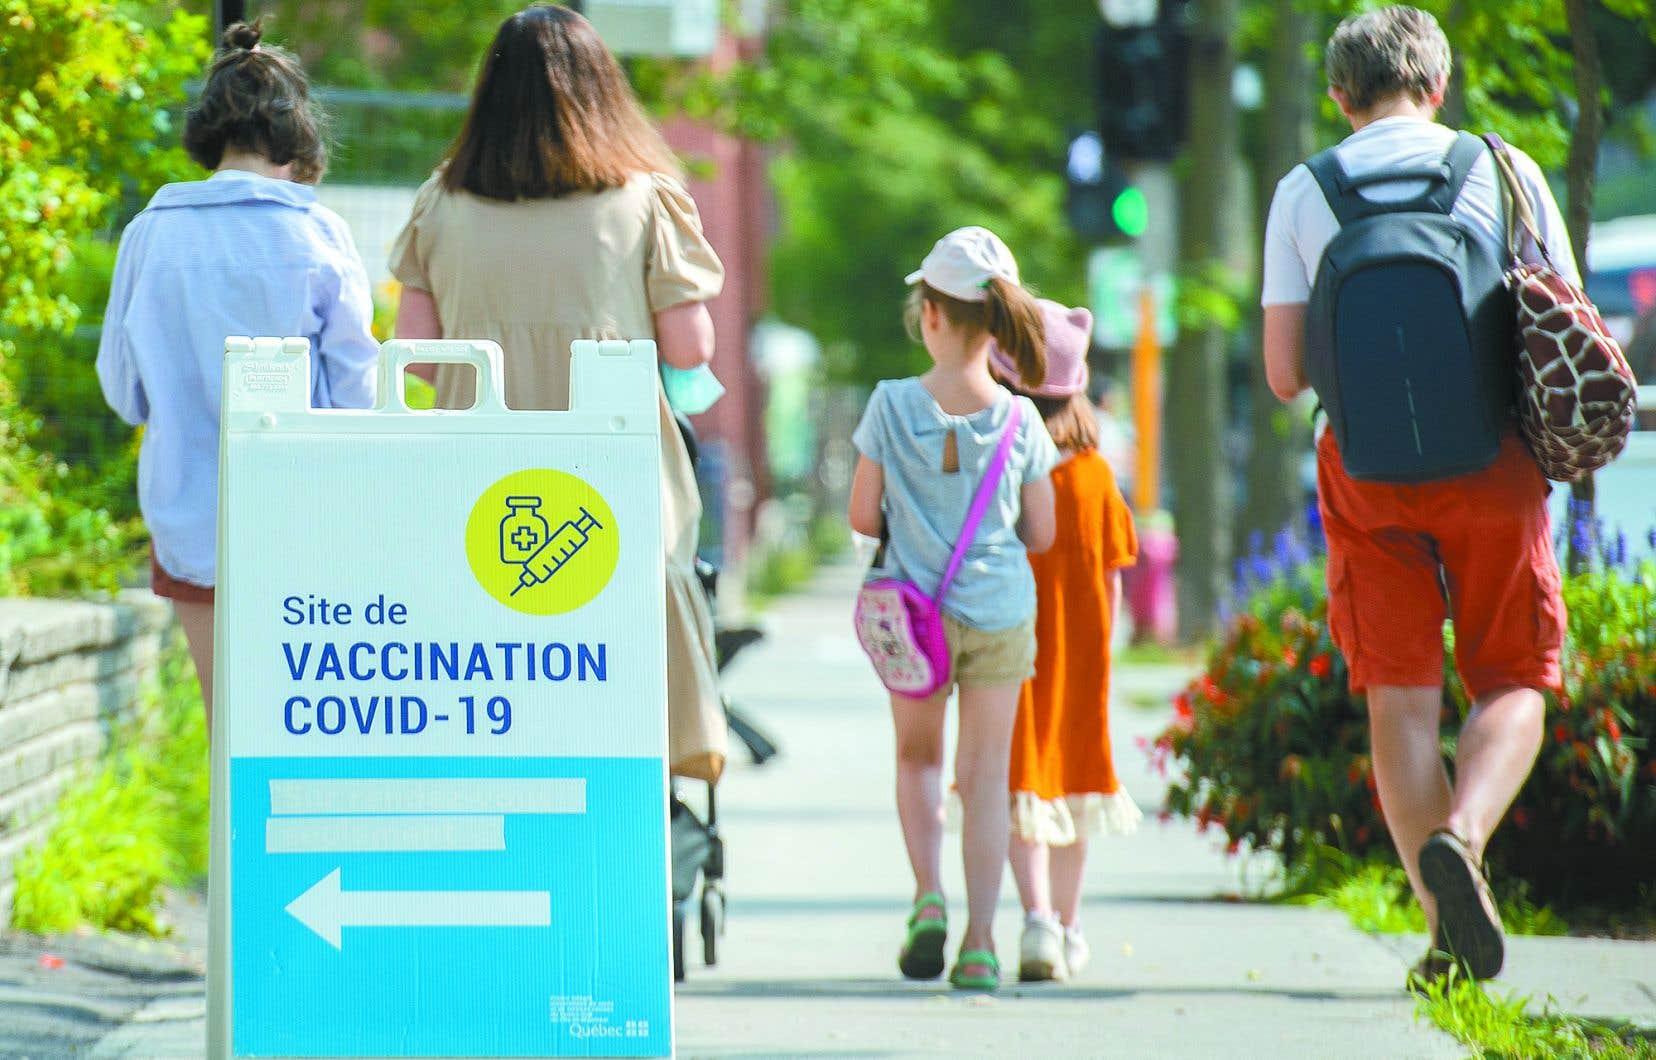 Les travailleurs de la santé du Québec ont jusqu'au 15octobre pour recevoir les deux doses du vaccin contre la COVID-19 ou risquent d'être suspendus sans salaire.